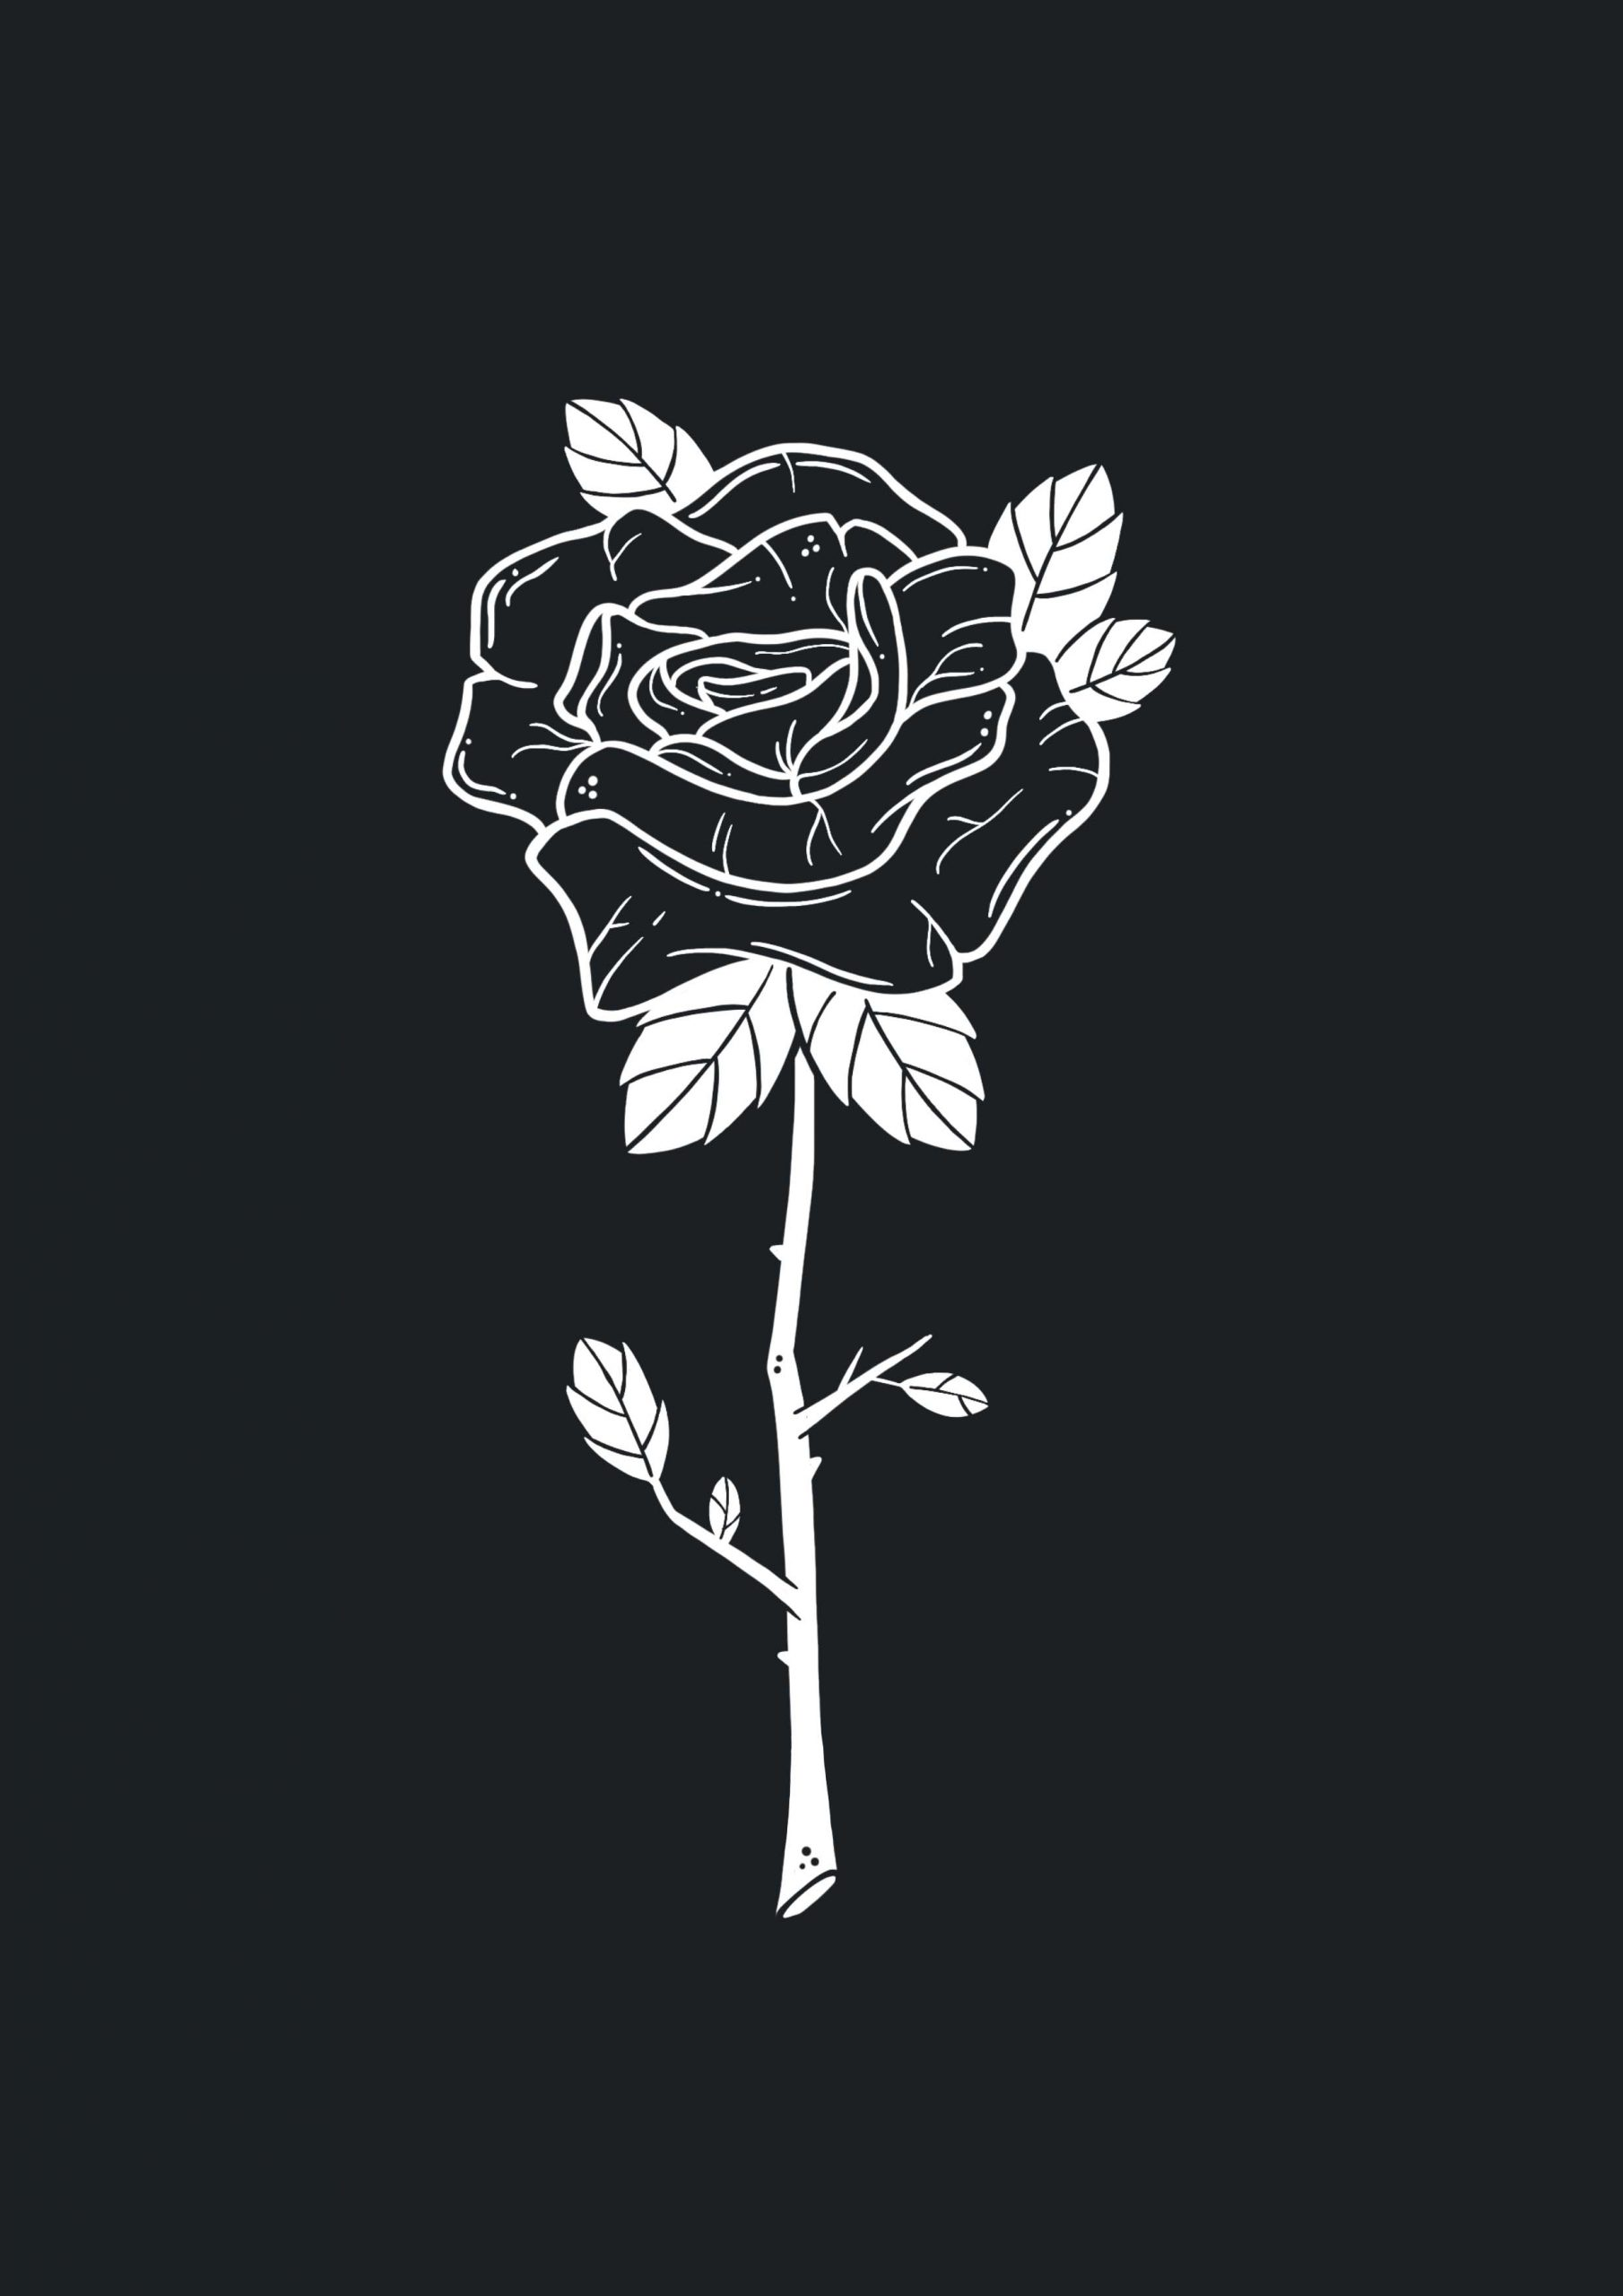 Illustratie van een roos